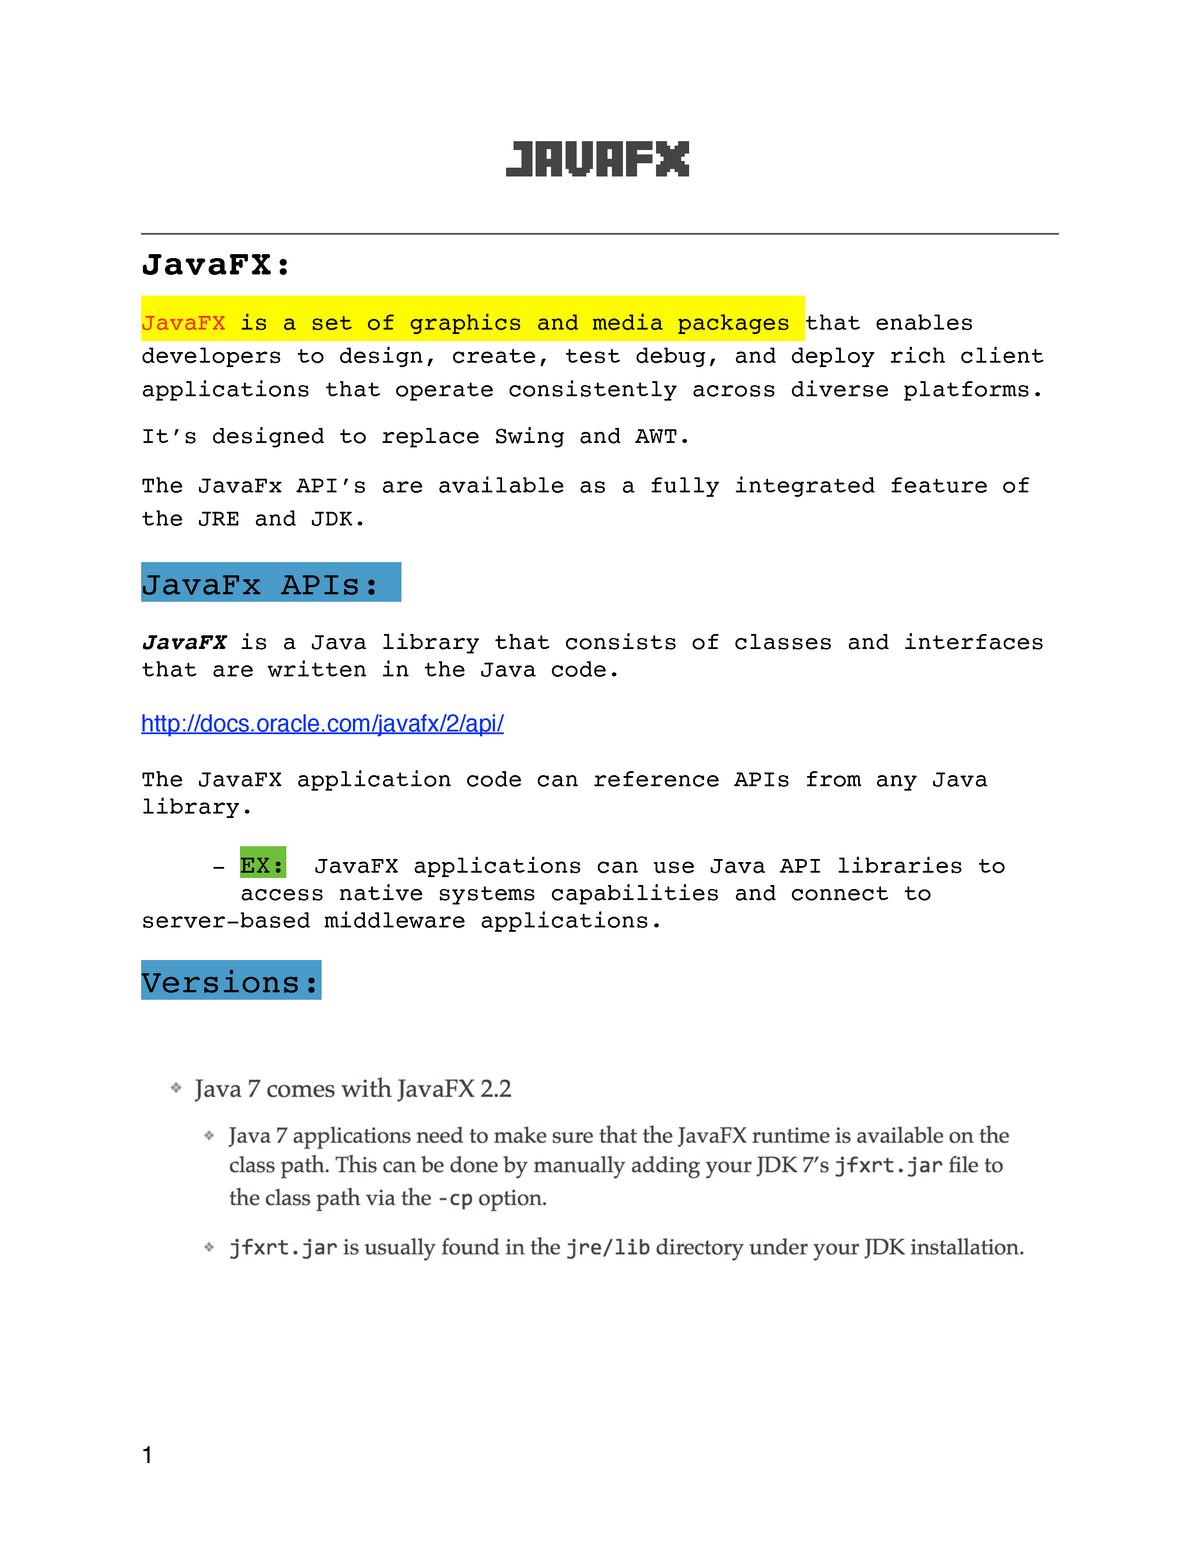 10] CSCI 1302 - Software Development (Java FX) - CSCI 1302: Soft